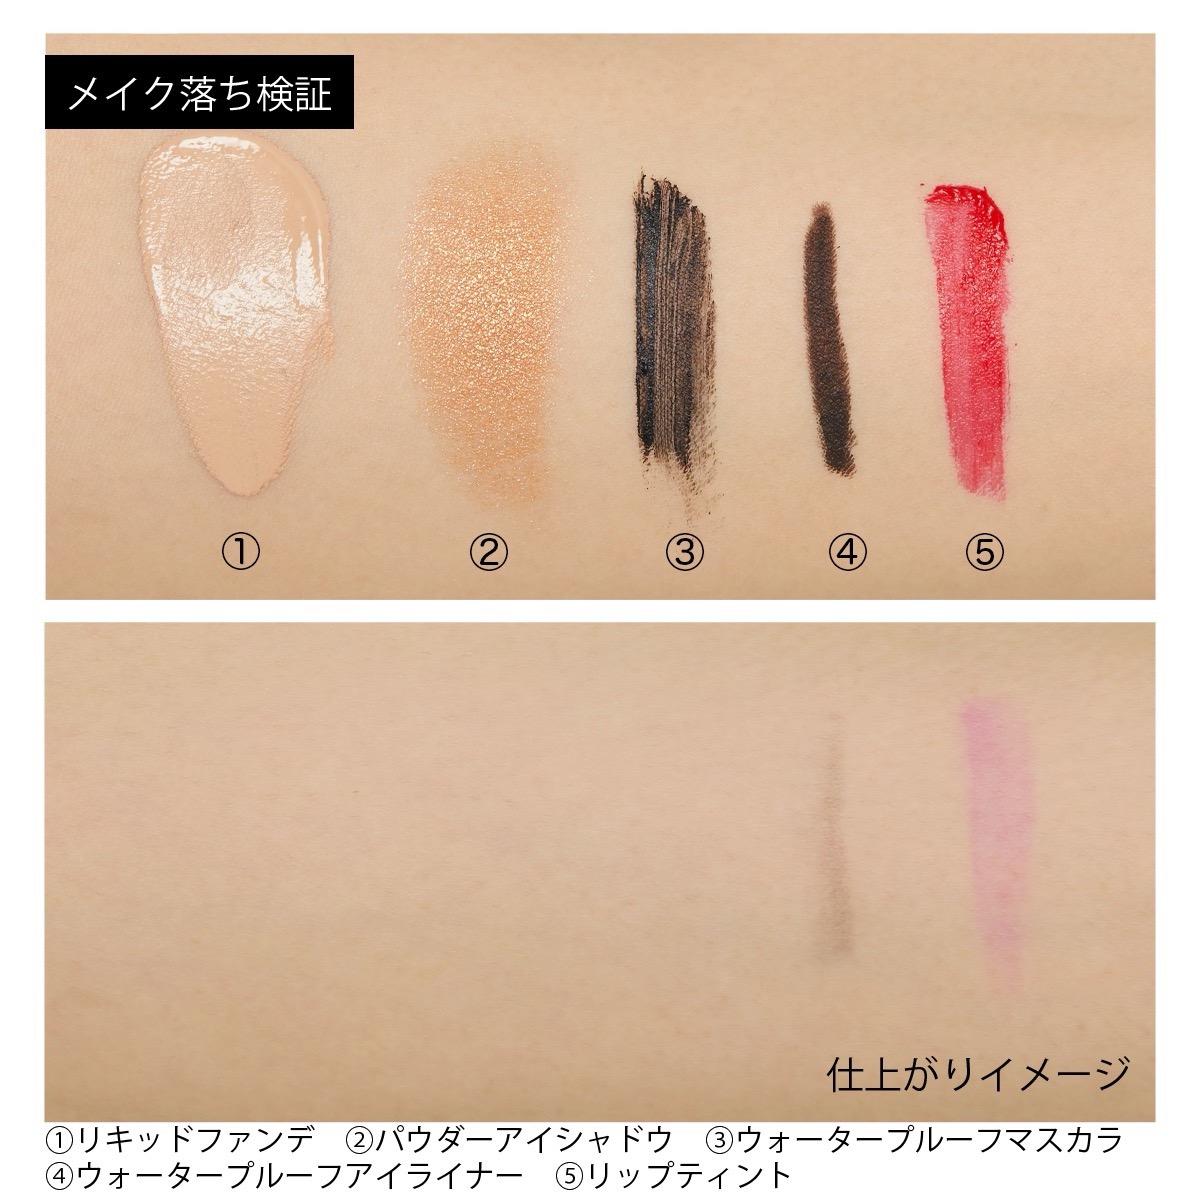 キュレル『潤浸保湿 ジェルメイク落とし』の使用感をレポ!に関する画像9